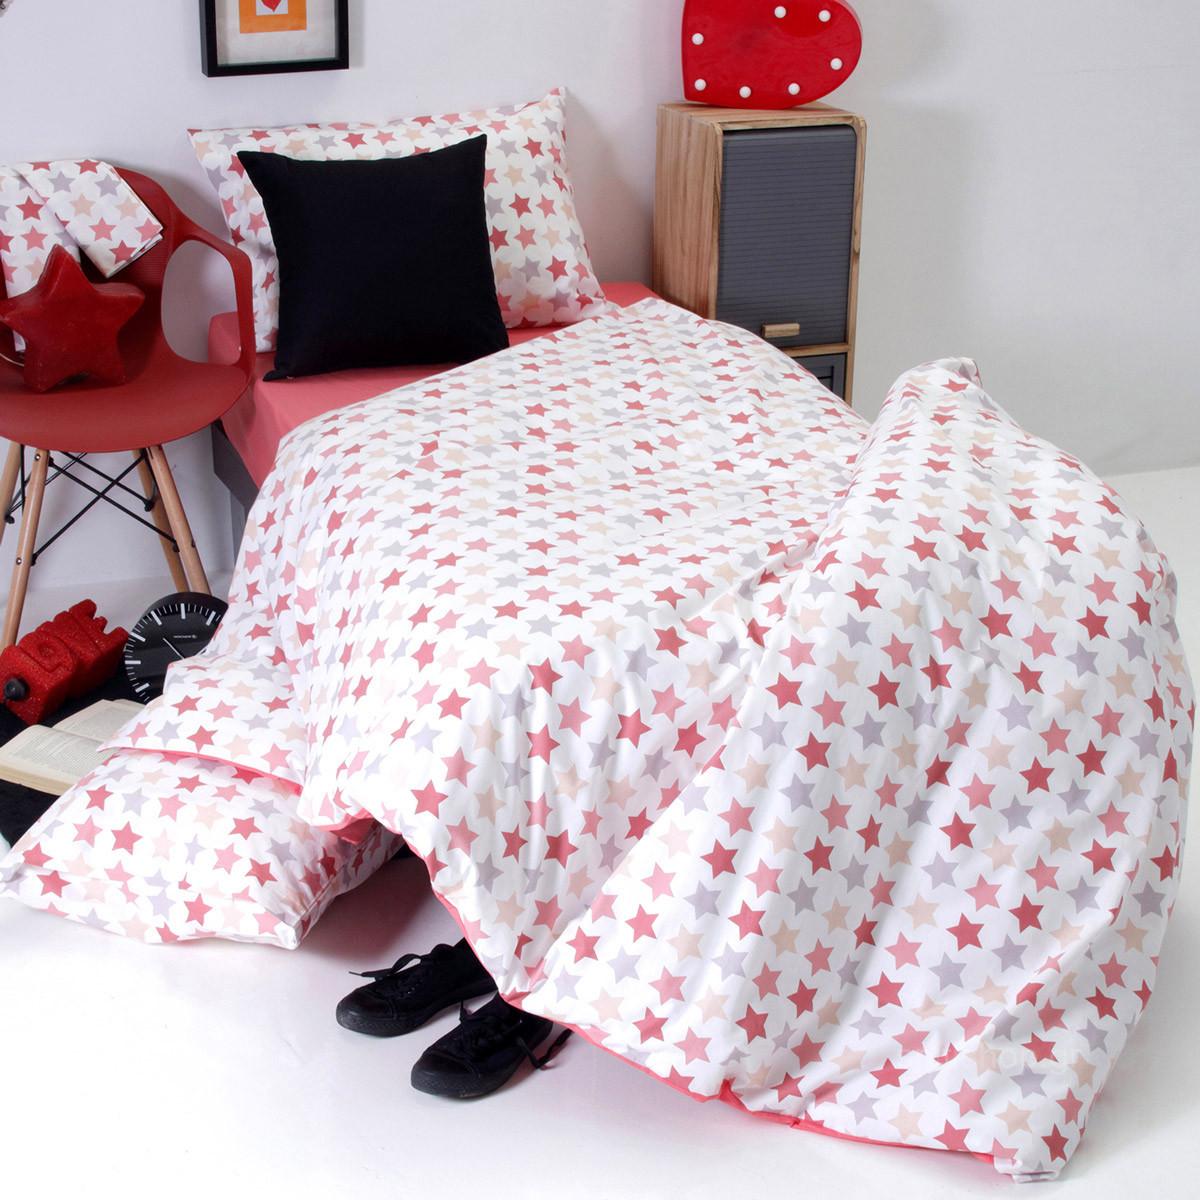 Ζεύγος Μαξιλαροθήκες Sb Home Junior Stars Pink home   παιδικά   μαξιλαροθήκες παιδικές